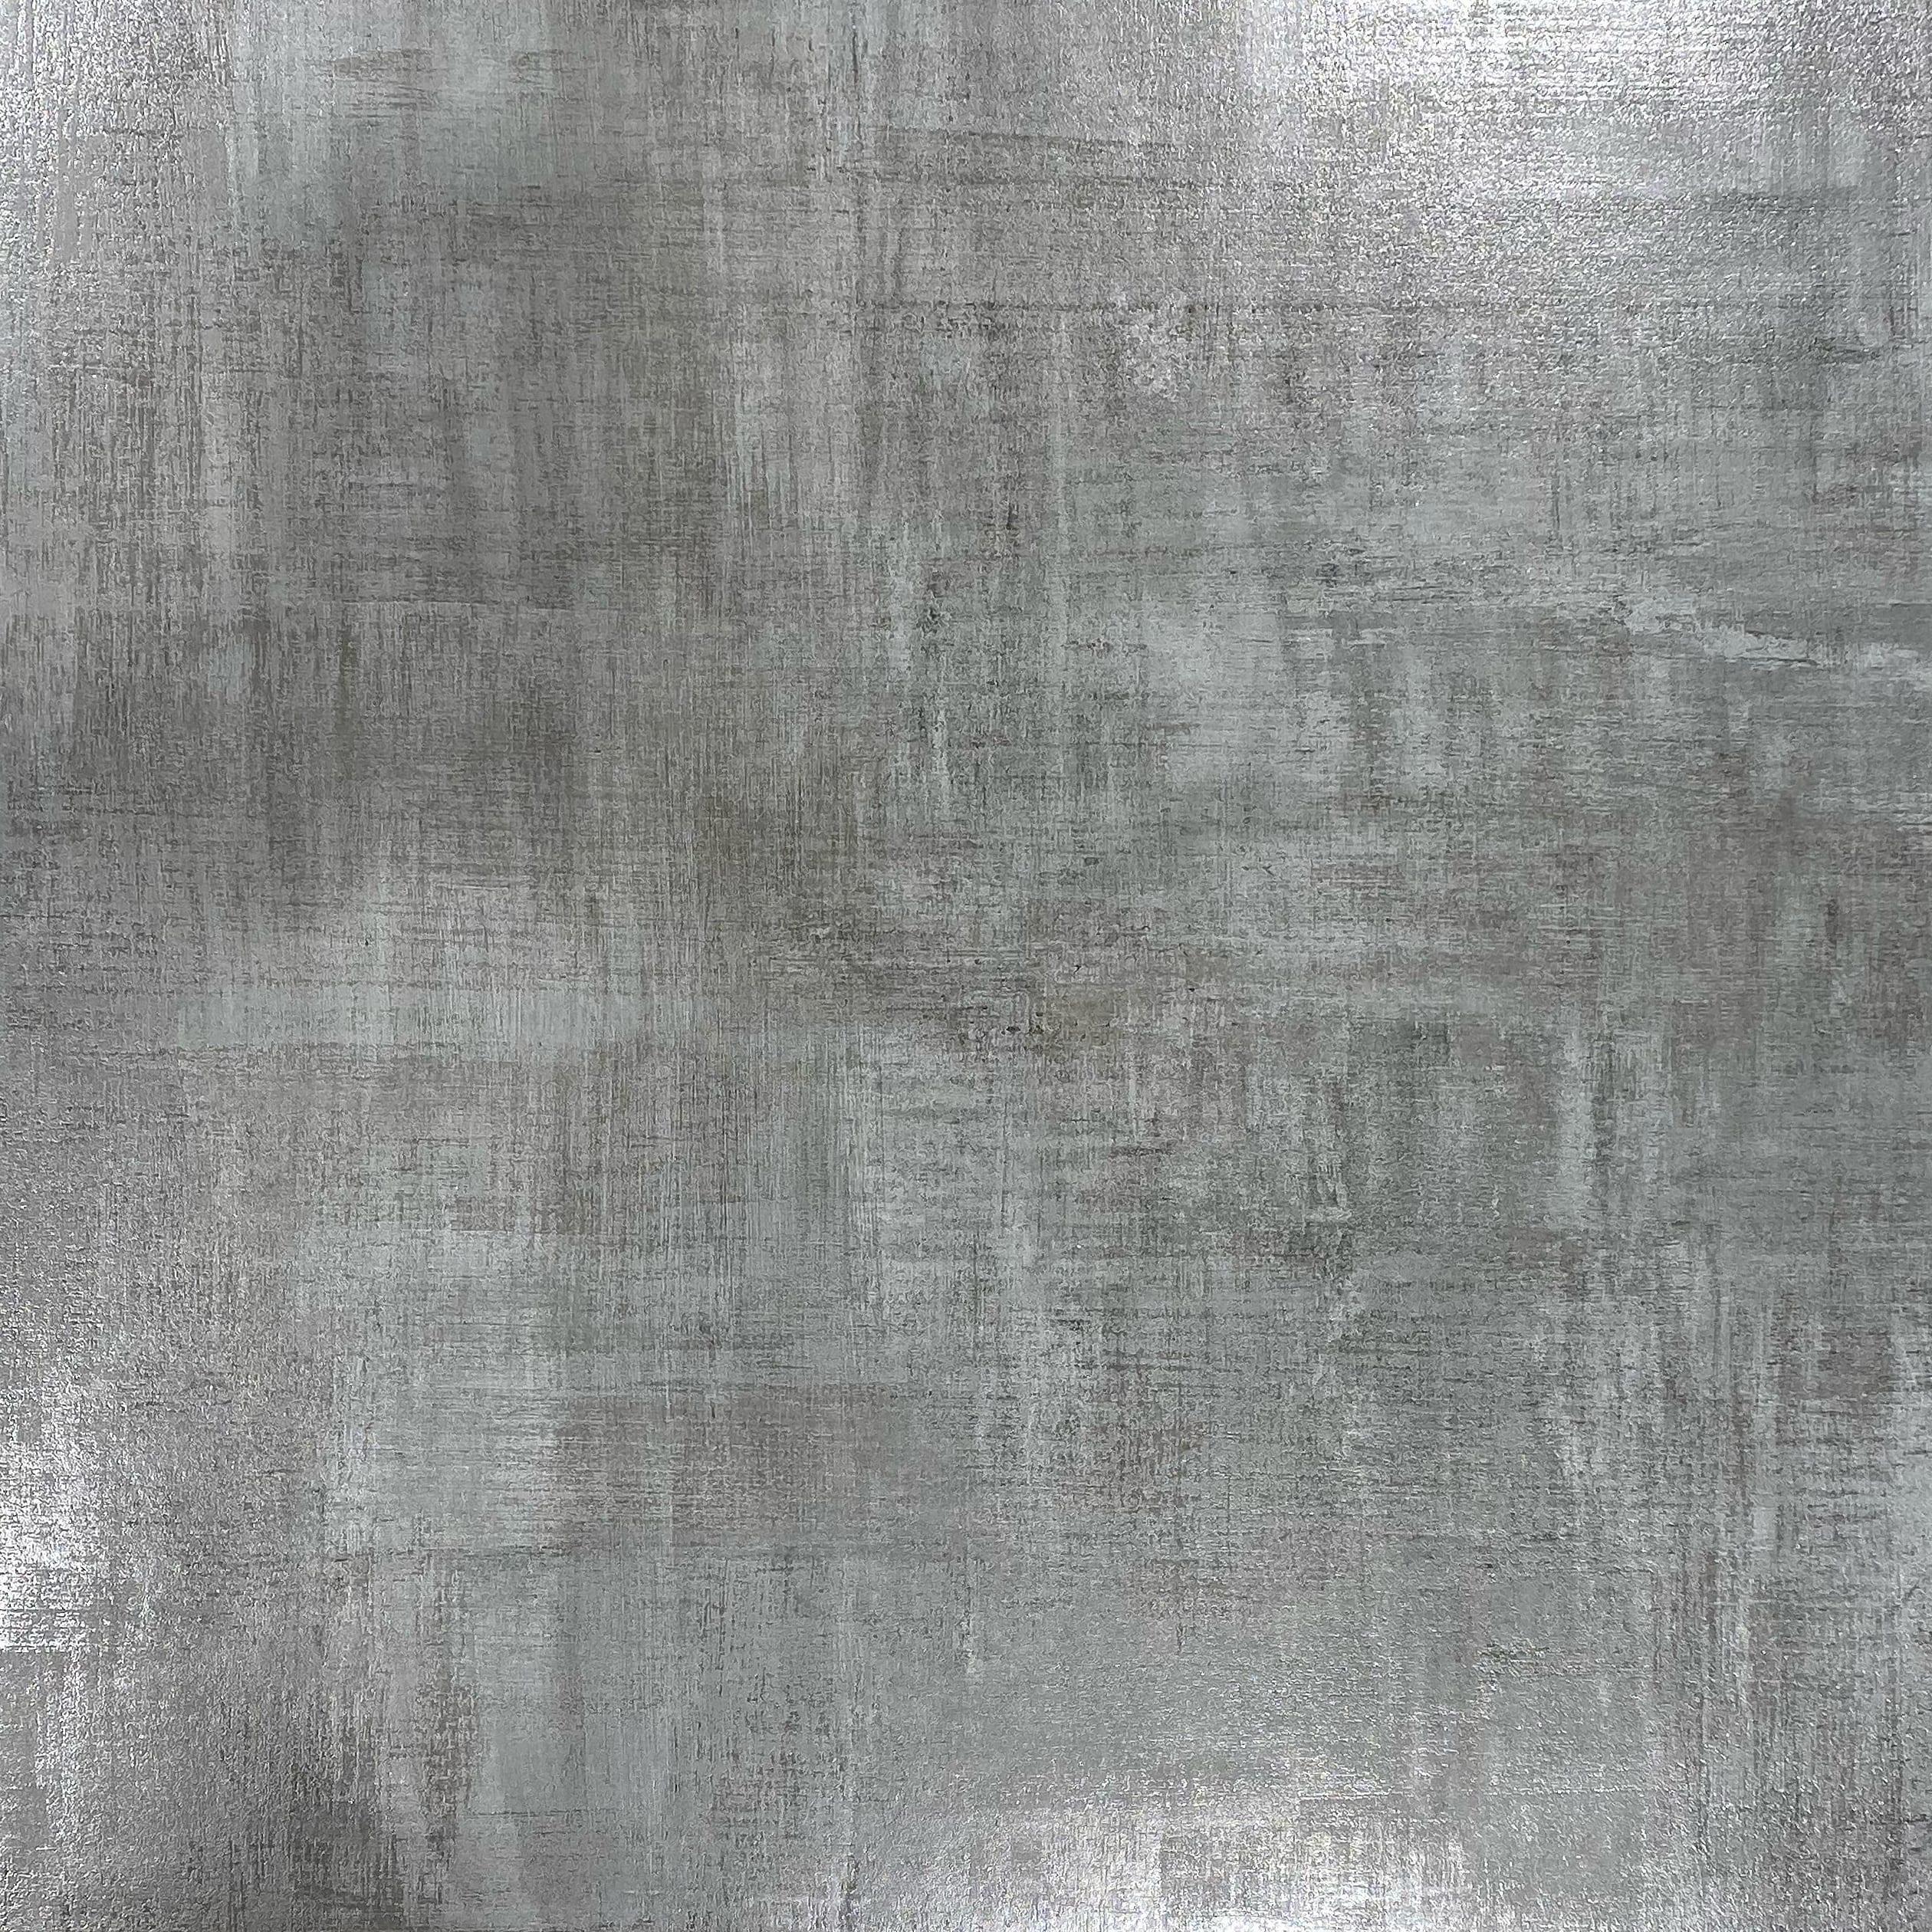 24×24 H24 Italian Tile_Black_16.25sfct_3.29